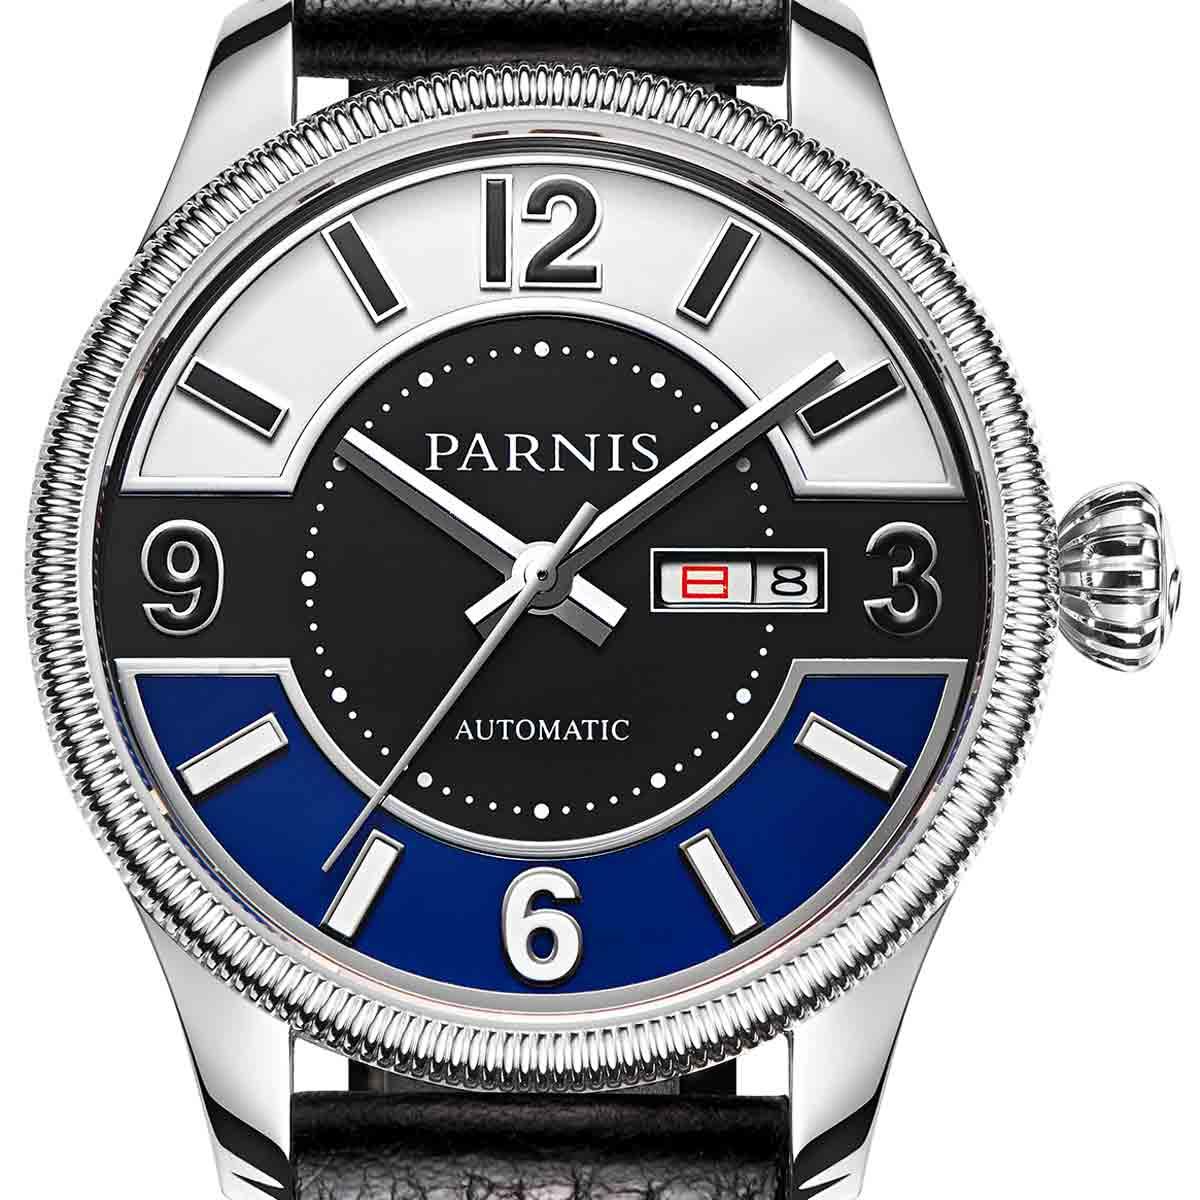 【残り1点】【NEW】PARNIS パーニス 自動巻き 腕時計 [PA6057B-S3AL-SVBK] 並行輸入品 純正ケース メーカー保証12ヶ月